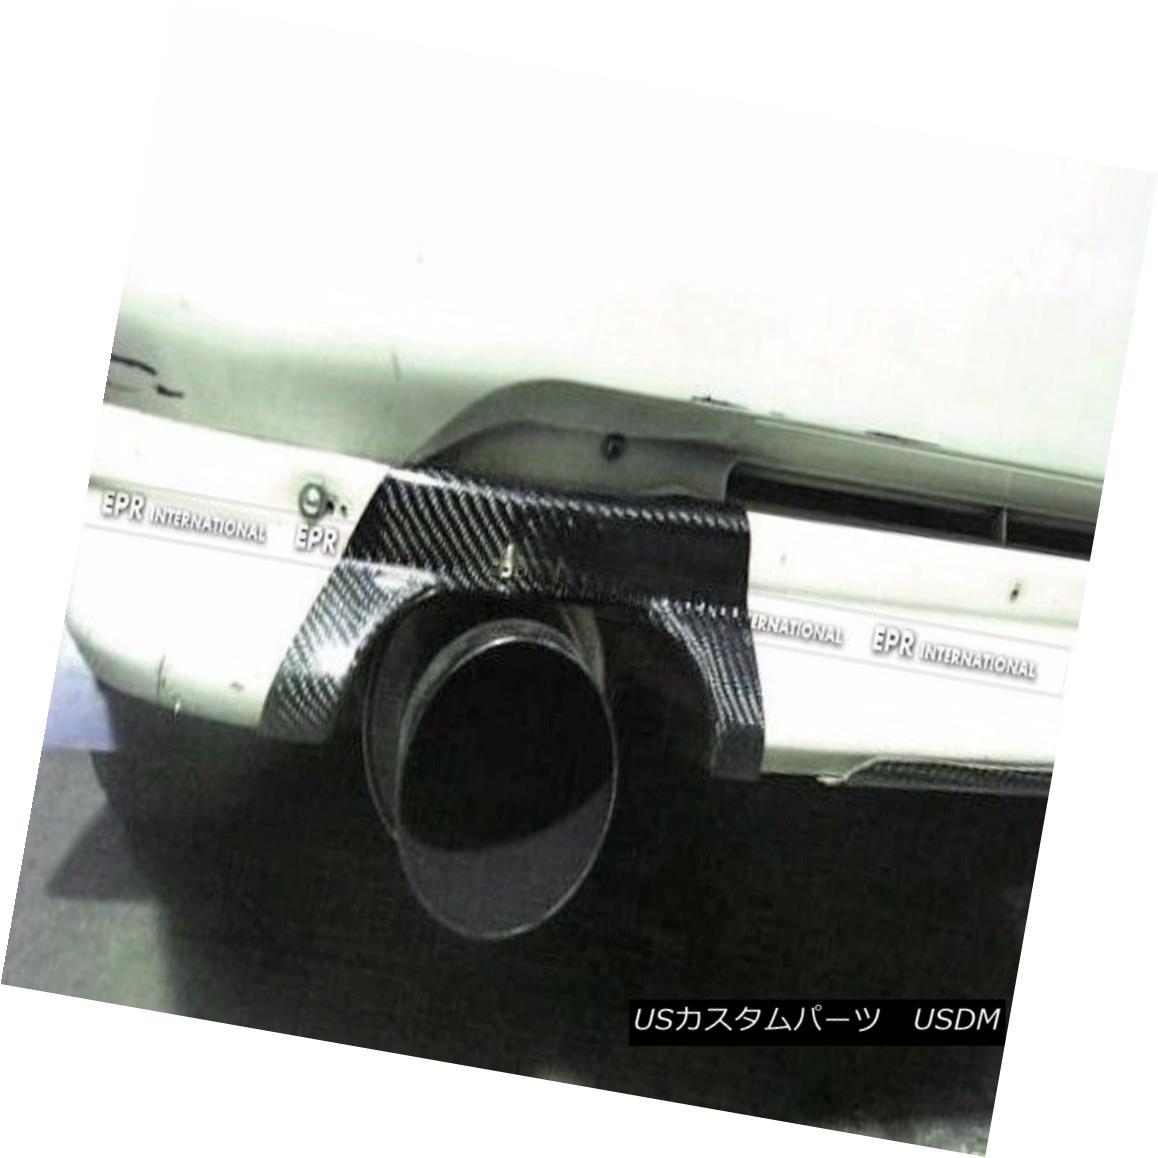 エアロパーツ Carbon Rear Bumper Exhaust Heat Shield Cover Trim For Mitsubishi EVO 5 6 CP9A Mitsubishi EVO 5 6 CP9A用カーボンリアバンパー排気熱シールドカバートリム